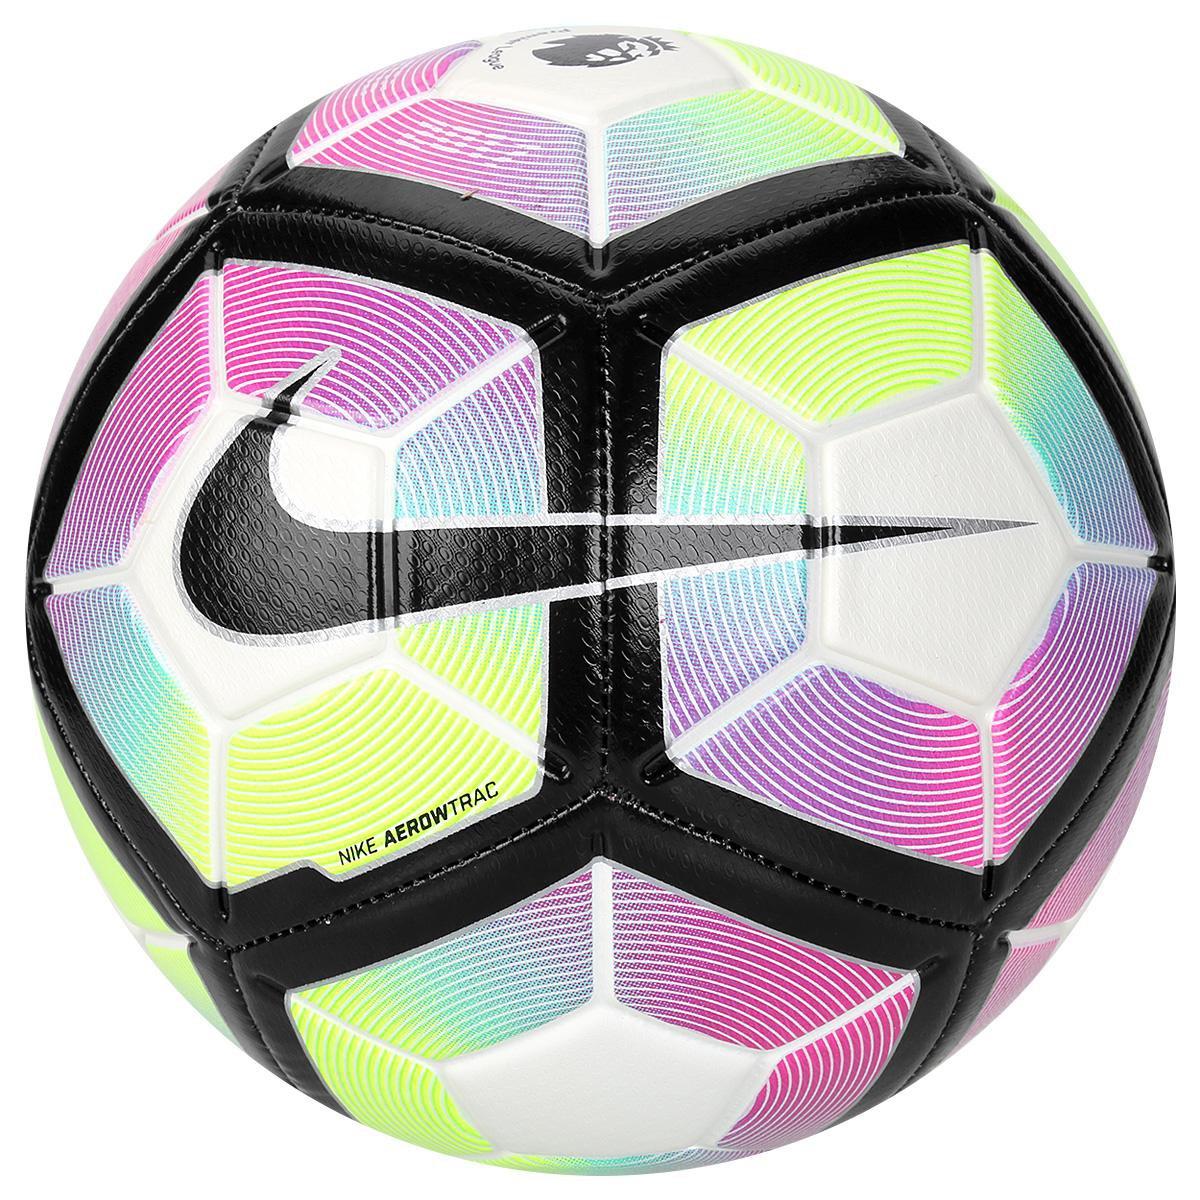 Bola Futebol Campo Nike Strike Premier League - Compre Agora  61e7eb6e615bb